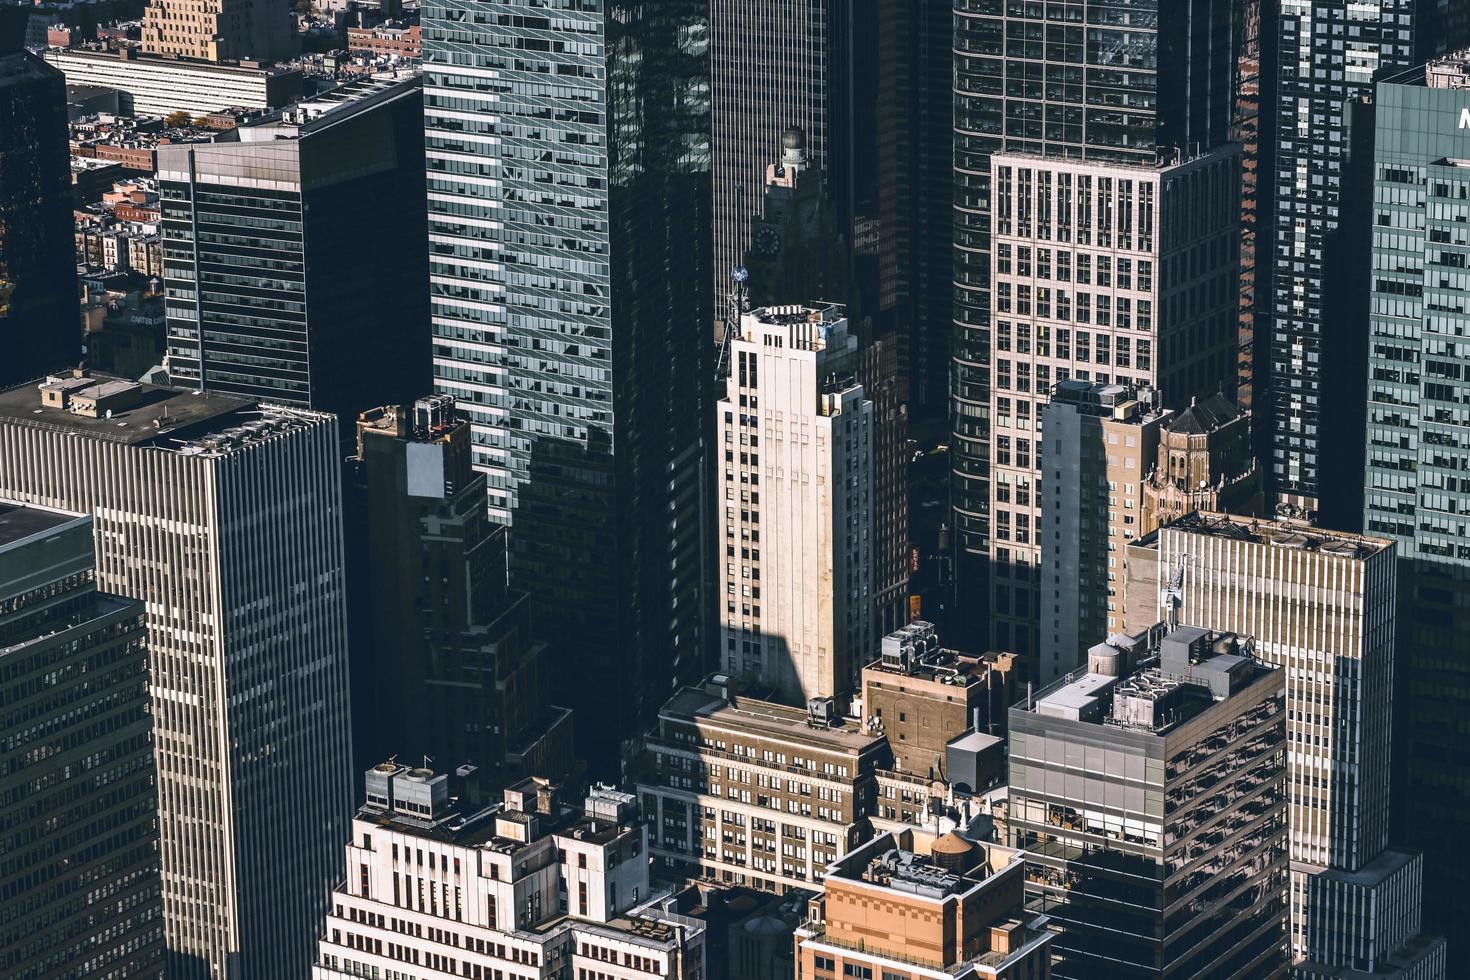 stad med höghus foto